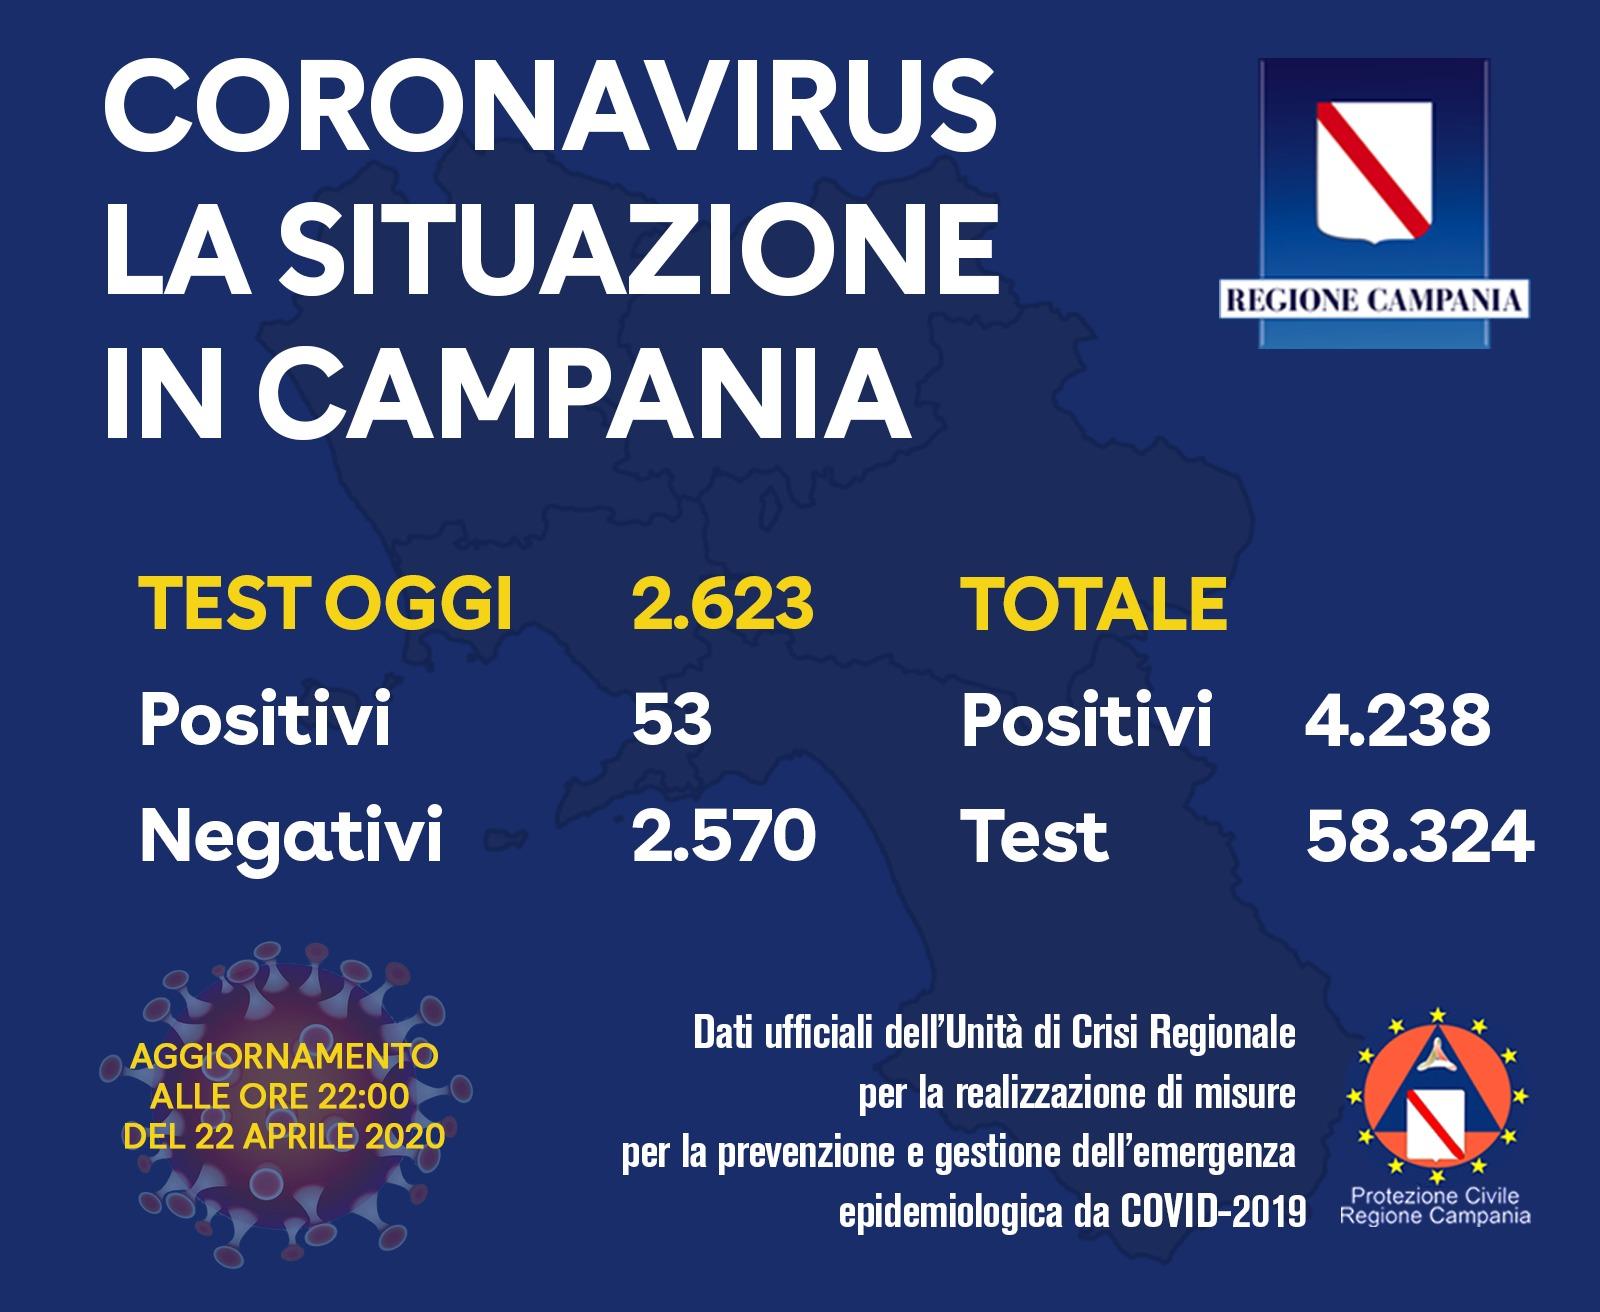 Photo of Coronavirus in Campania, 53 tamponi positivi su 2623: il bollettino del 22 aprile